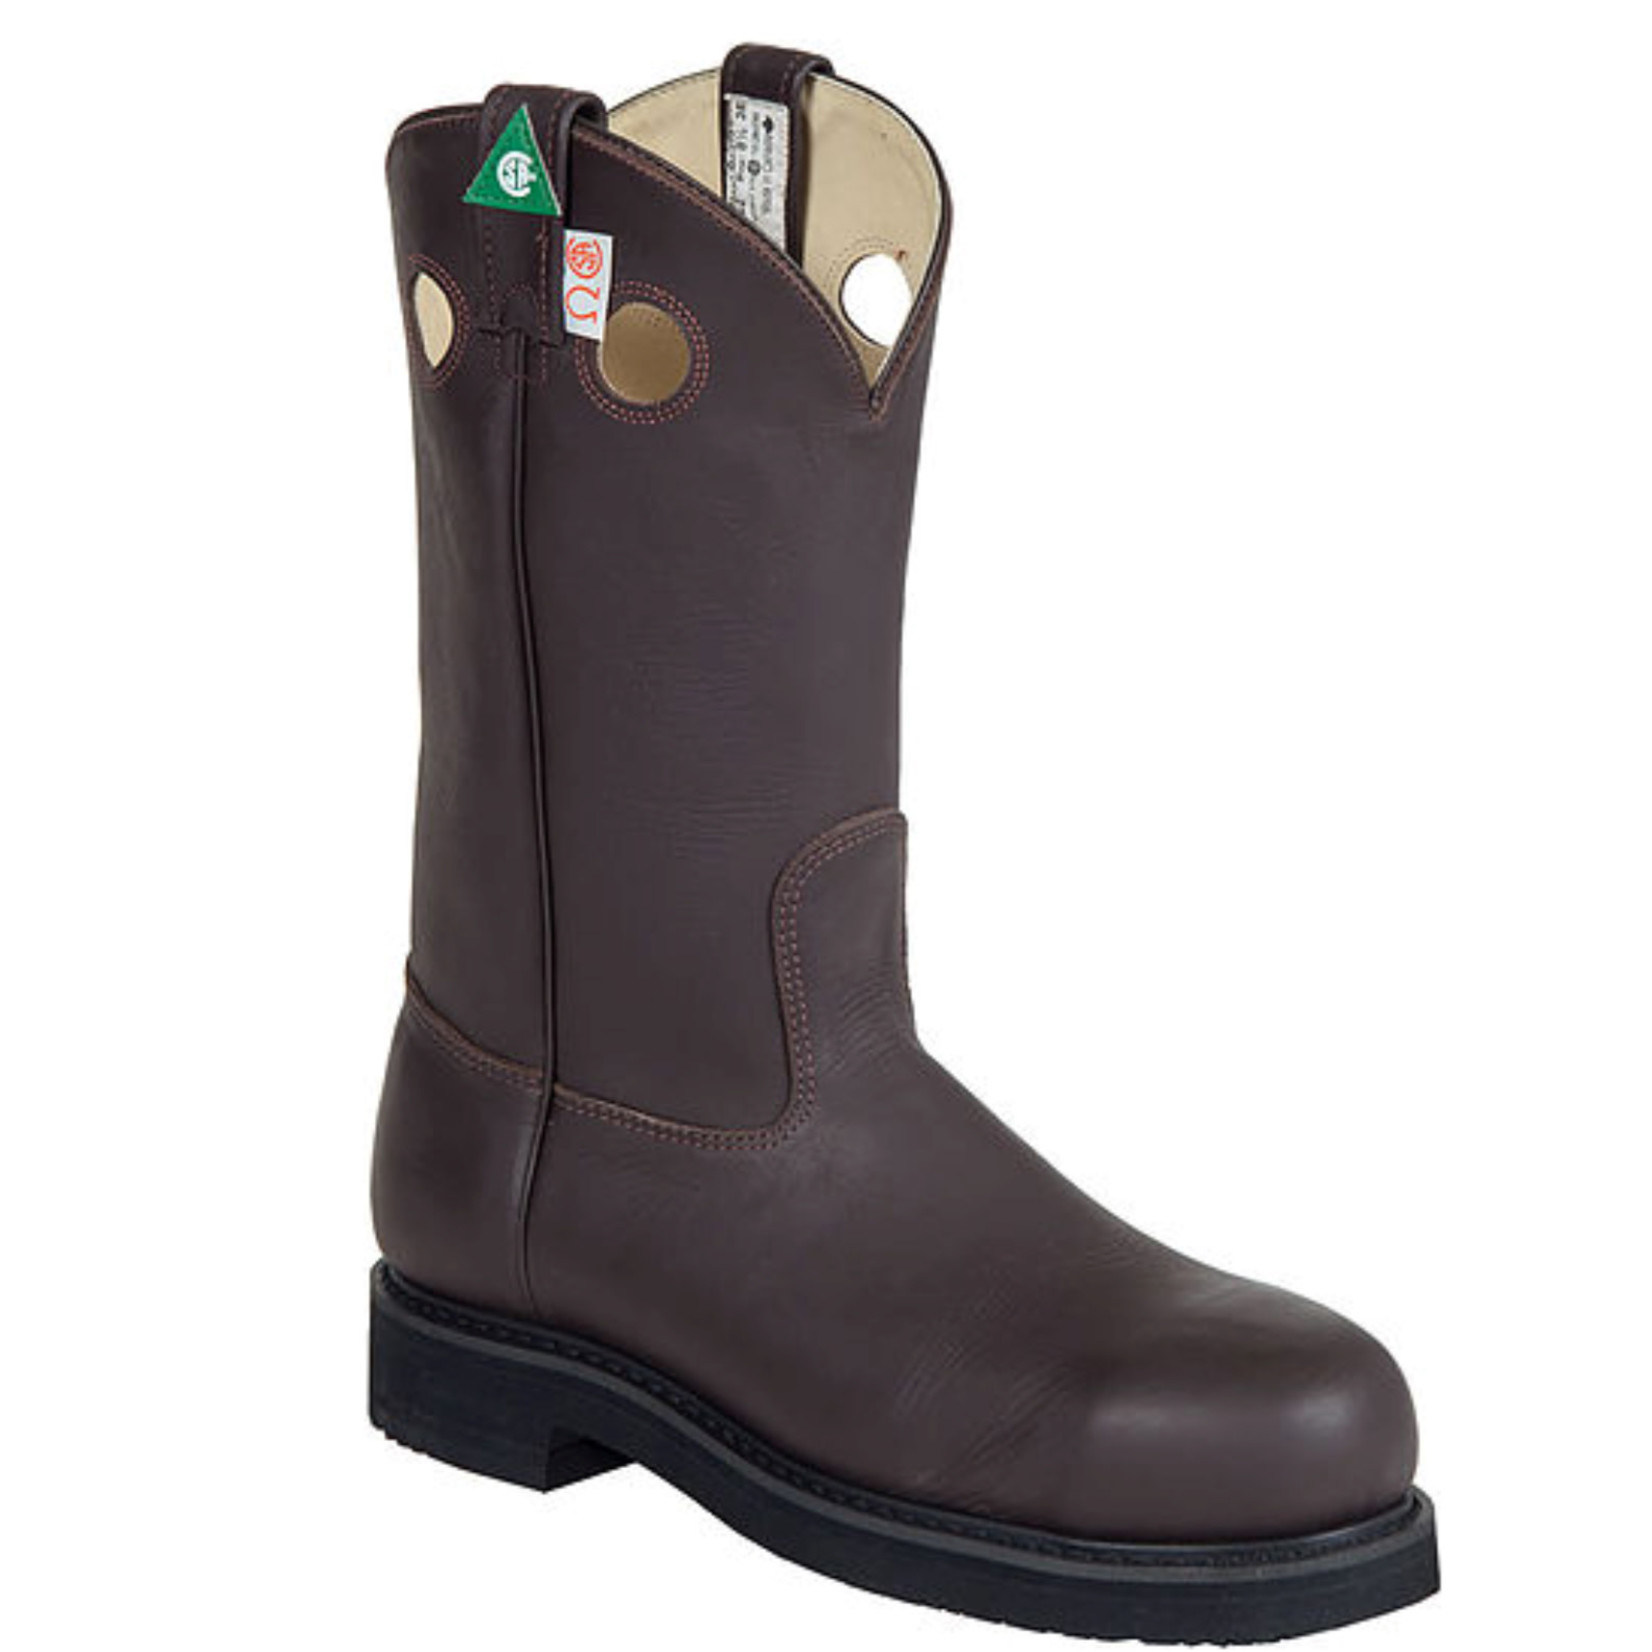 Canada West Canada West CSA Men's Cowboy Steel Toe Boot 5252 3E